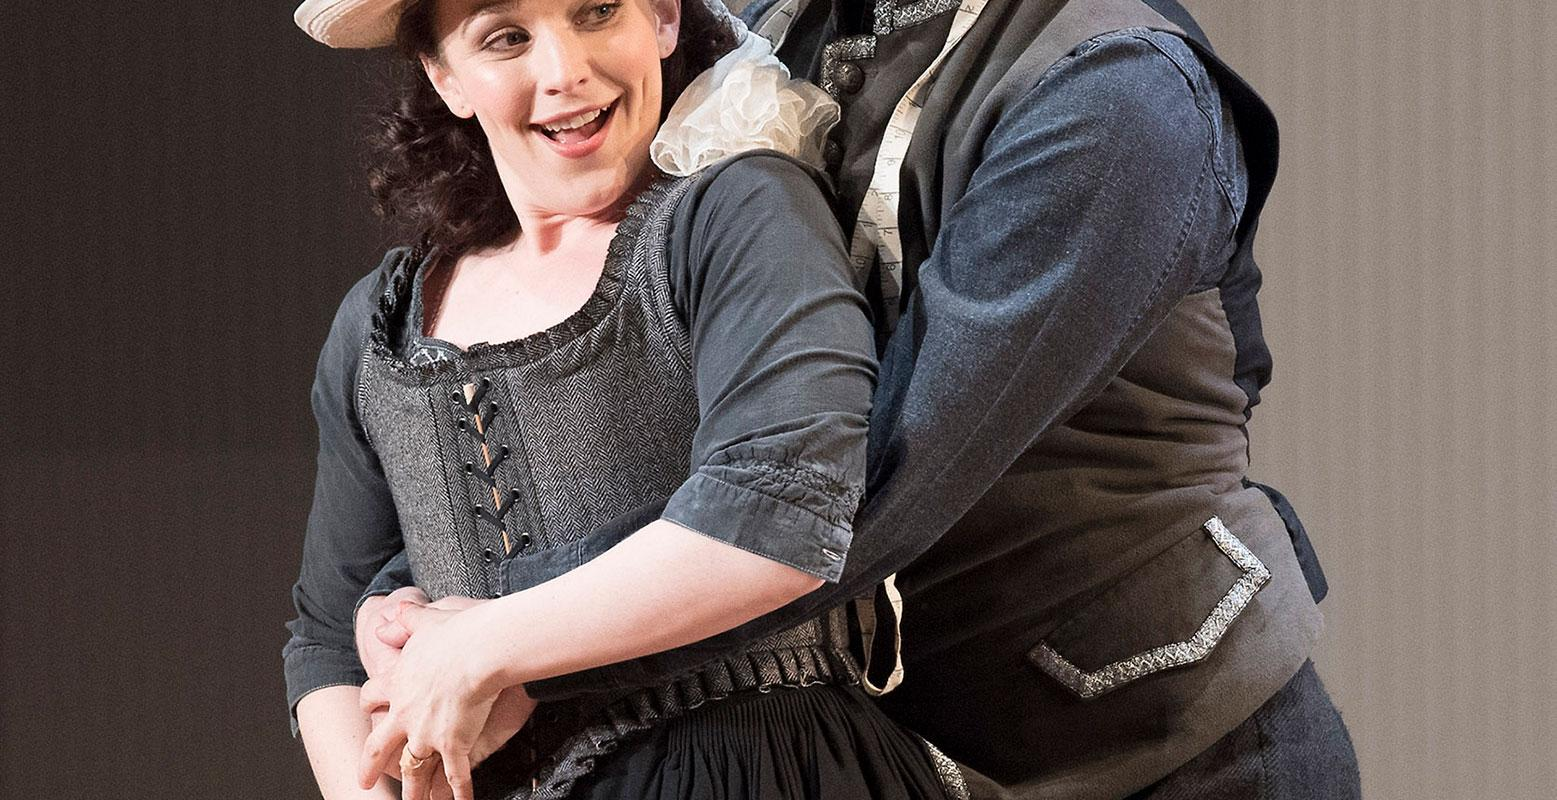 ENO 17/18: The Marriage of Figaro Rhian Lois Thomas Oliemans (c) Alastair Muir